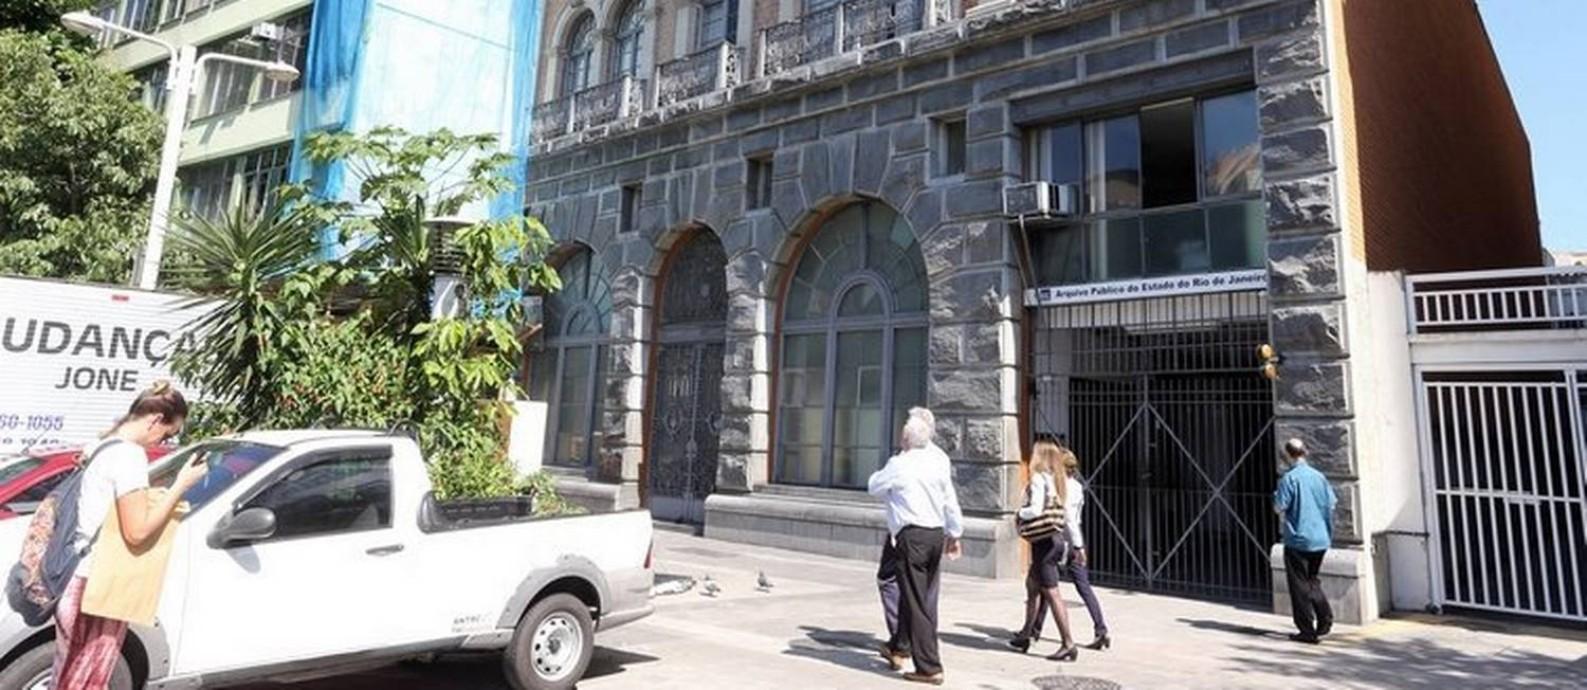 Por conta do corte de luz, Arquivo Nacional precisou fechar as portas Foto: Guilherme Pinto / Agência O Globo